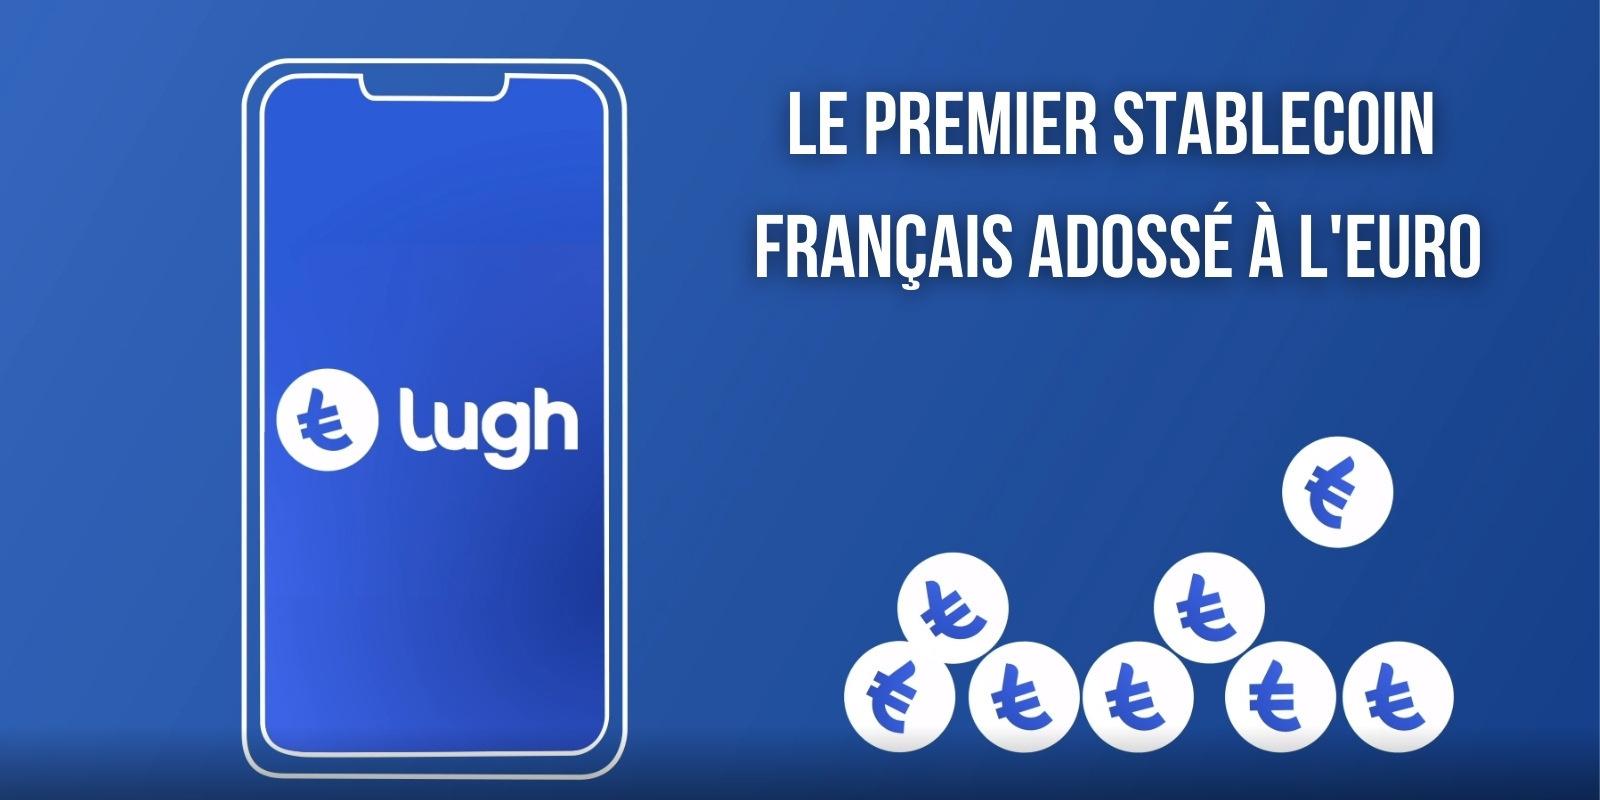 Le groupe Casino lance le premier stablecoin français adossé à l'euro, l'EUR-L